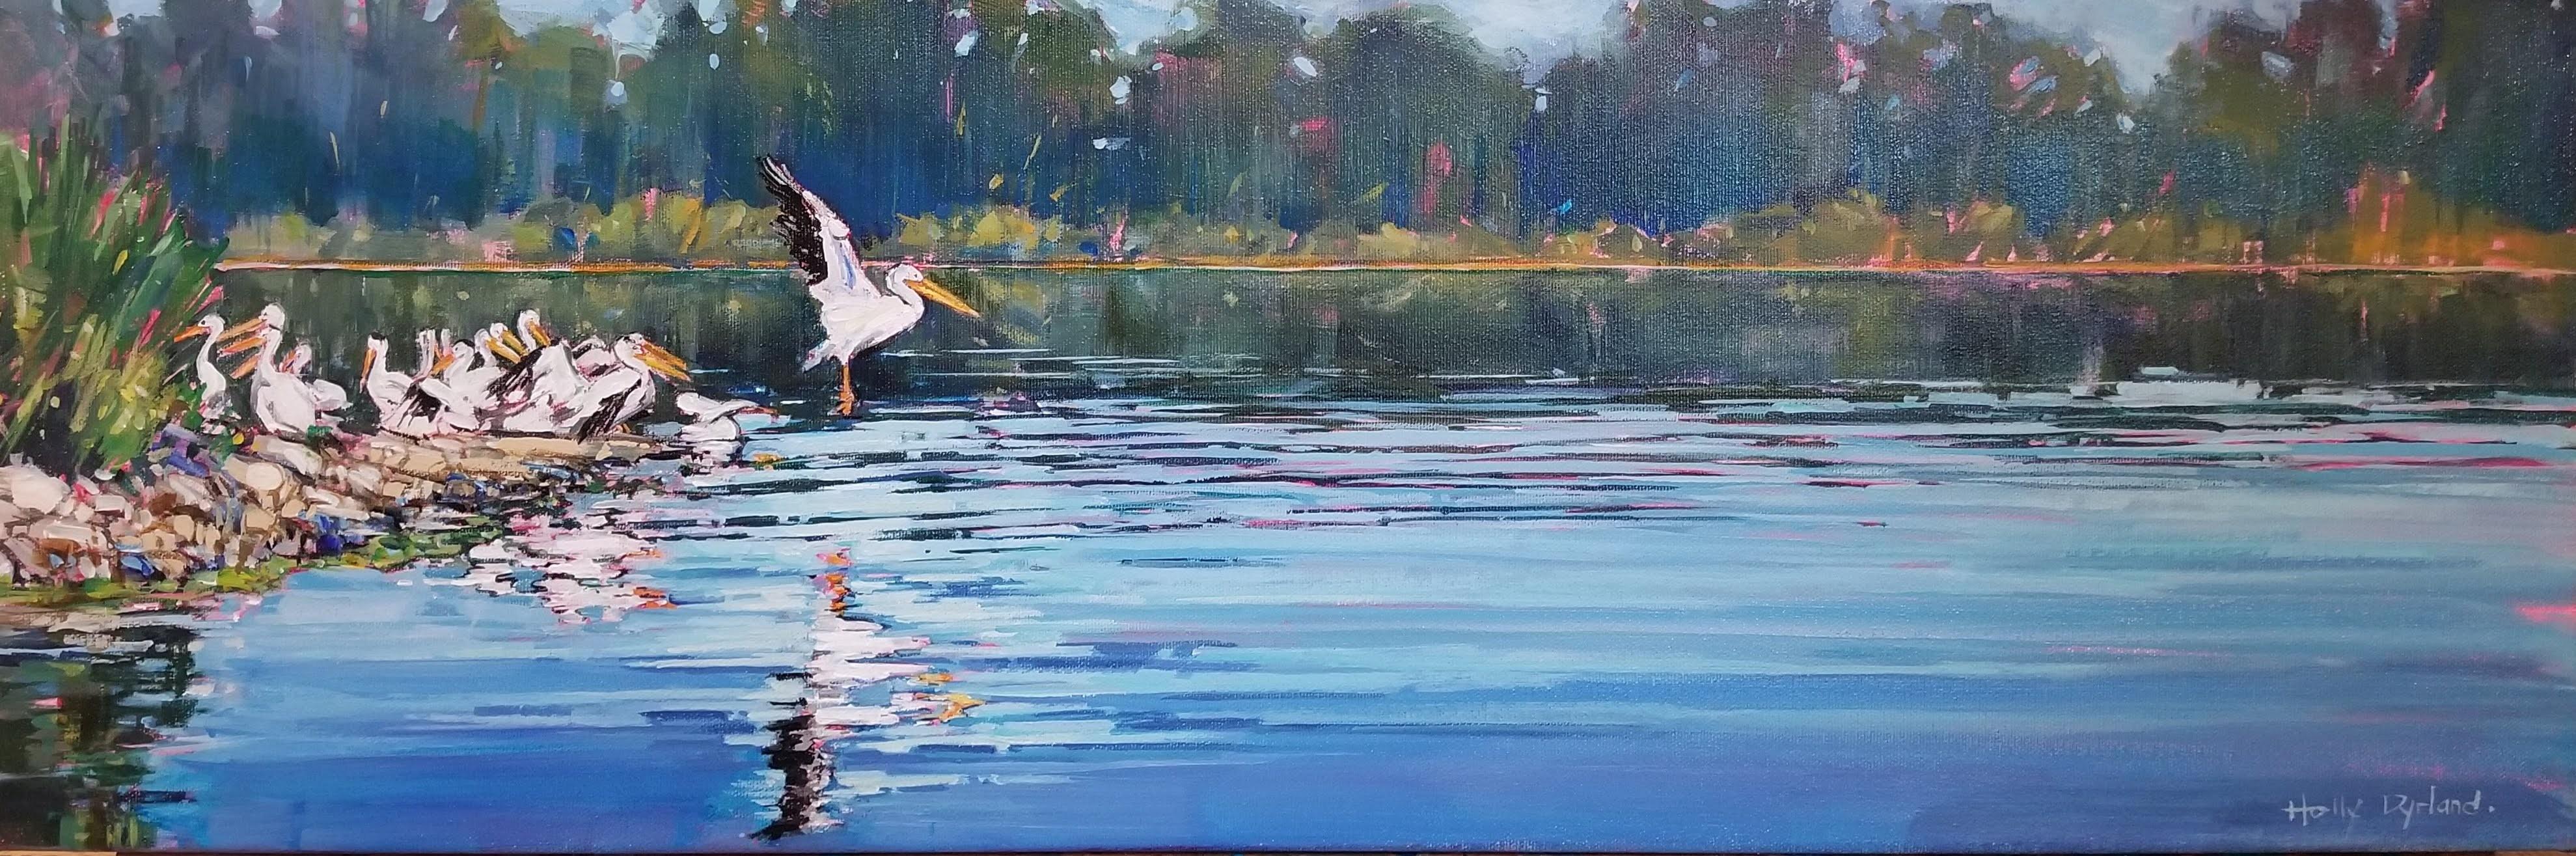 Pelicans at Pinehurst